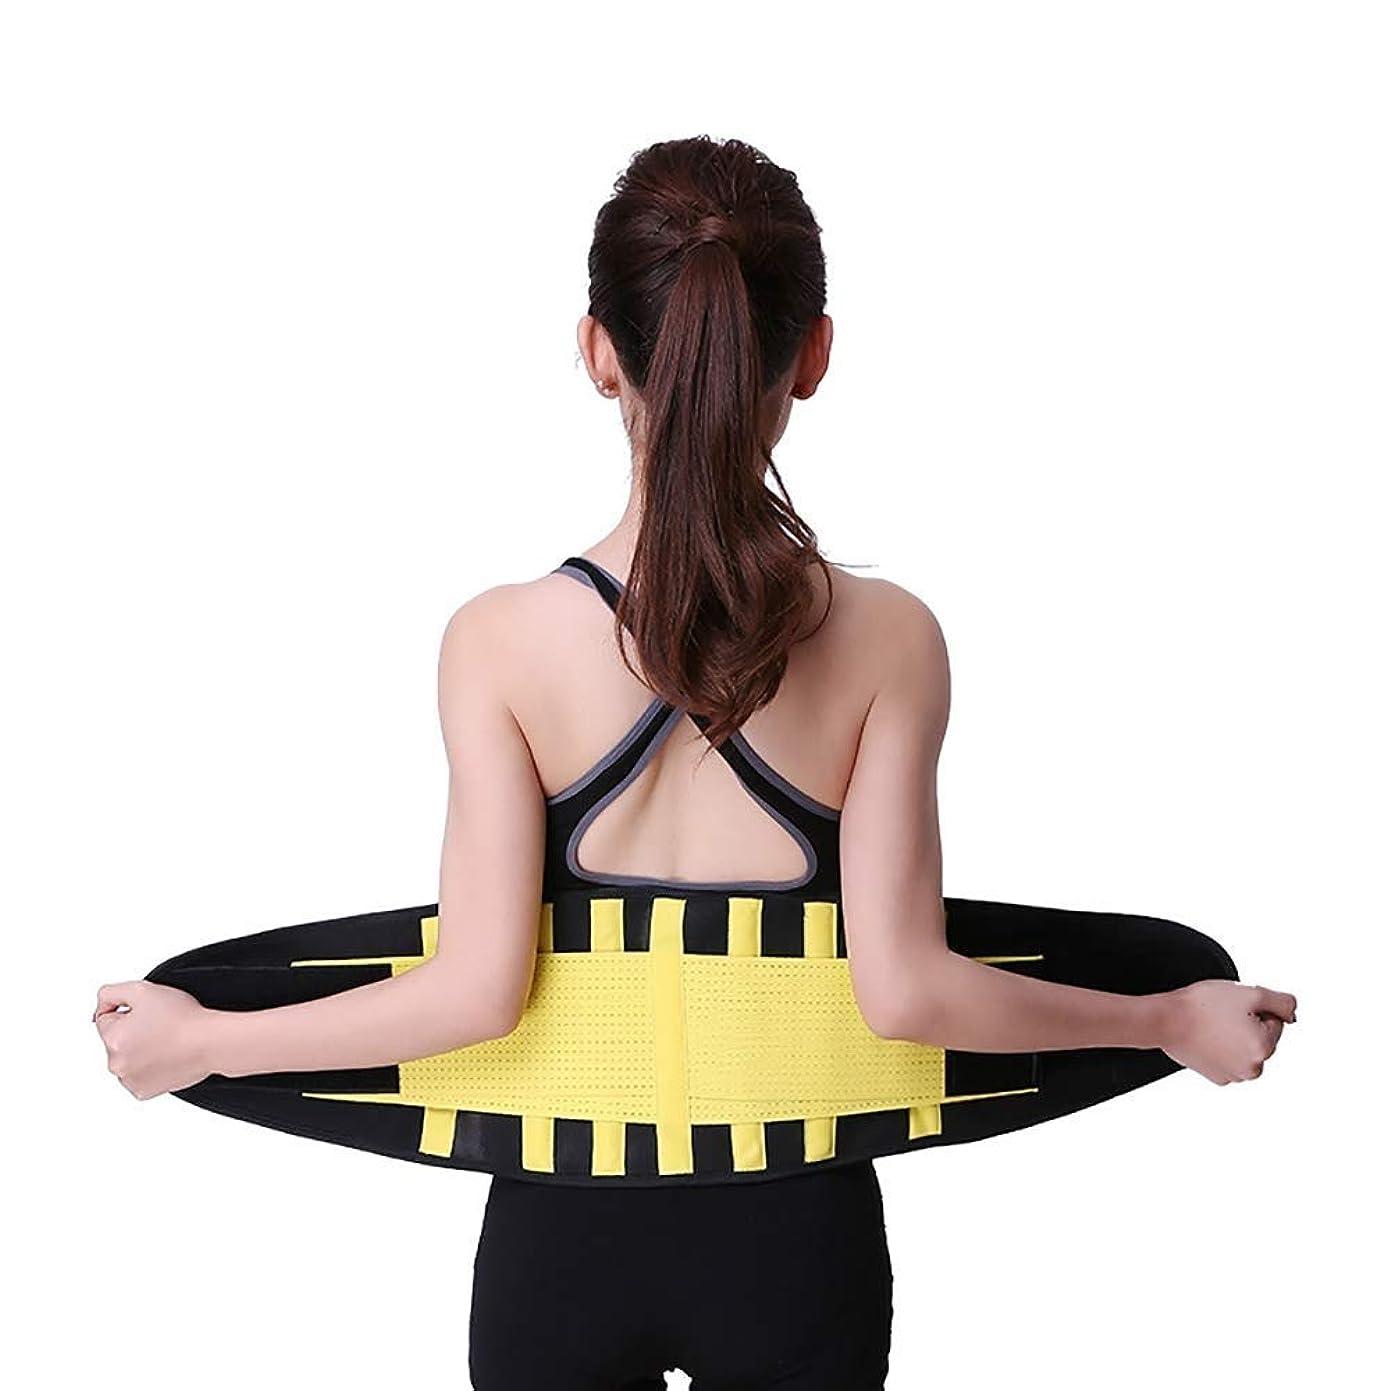 ましいうねるホットフィットネスベルト ネオプレンで作られ、熱とバーンズ脂肪を生成するには、脂肪や排泄の毒素を取り除き、運動中に腰を保護し、けがを防止します (Size : M)